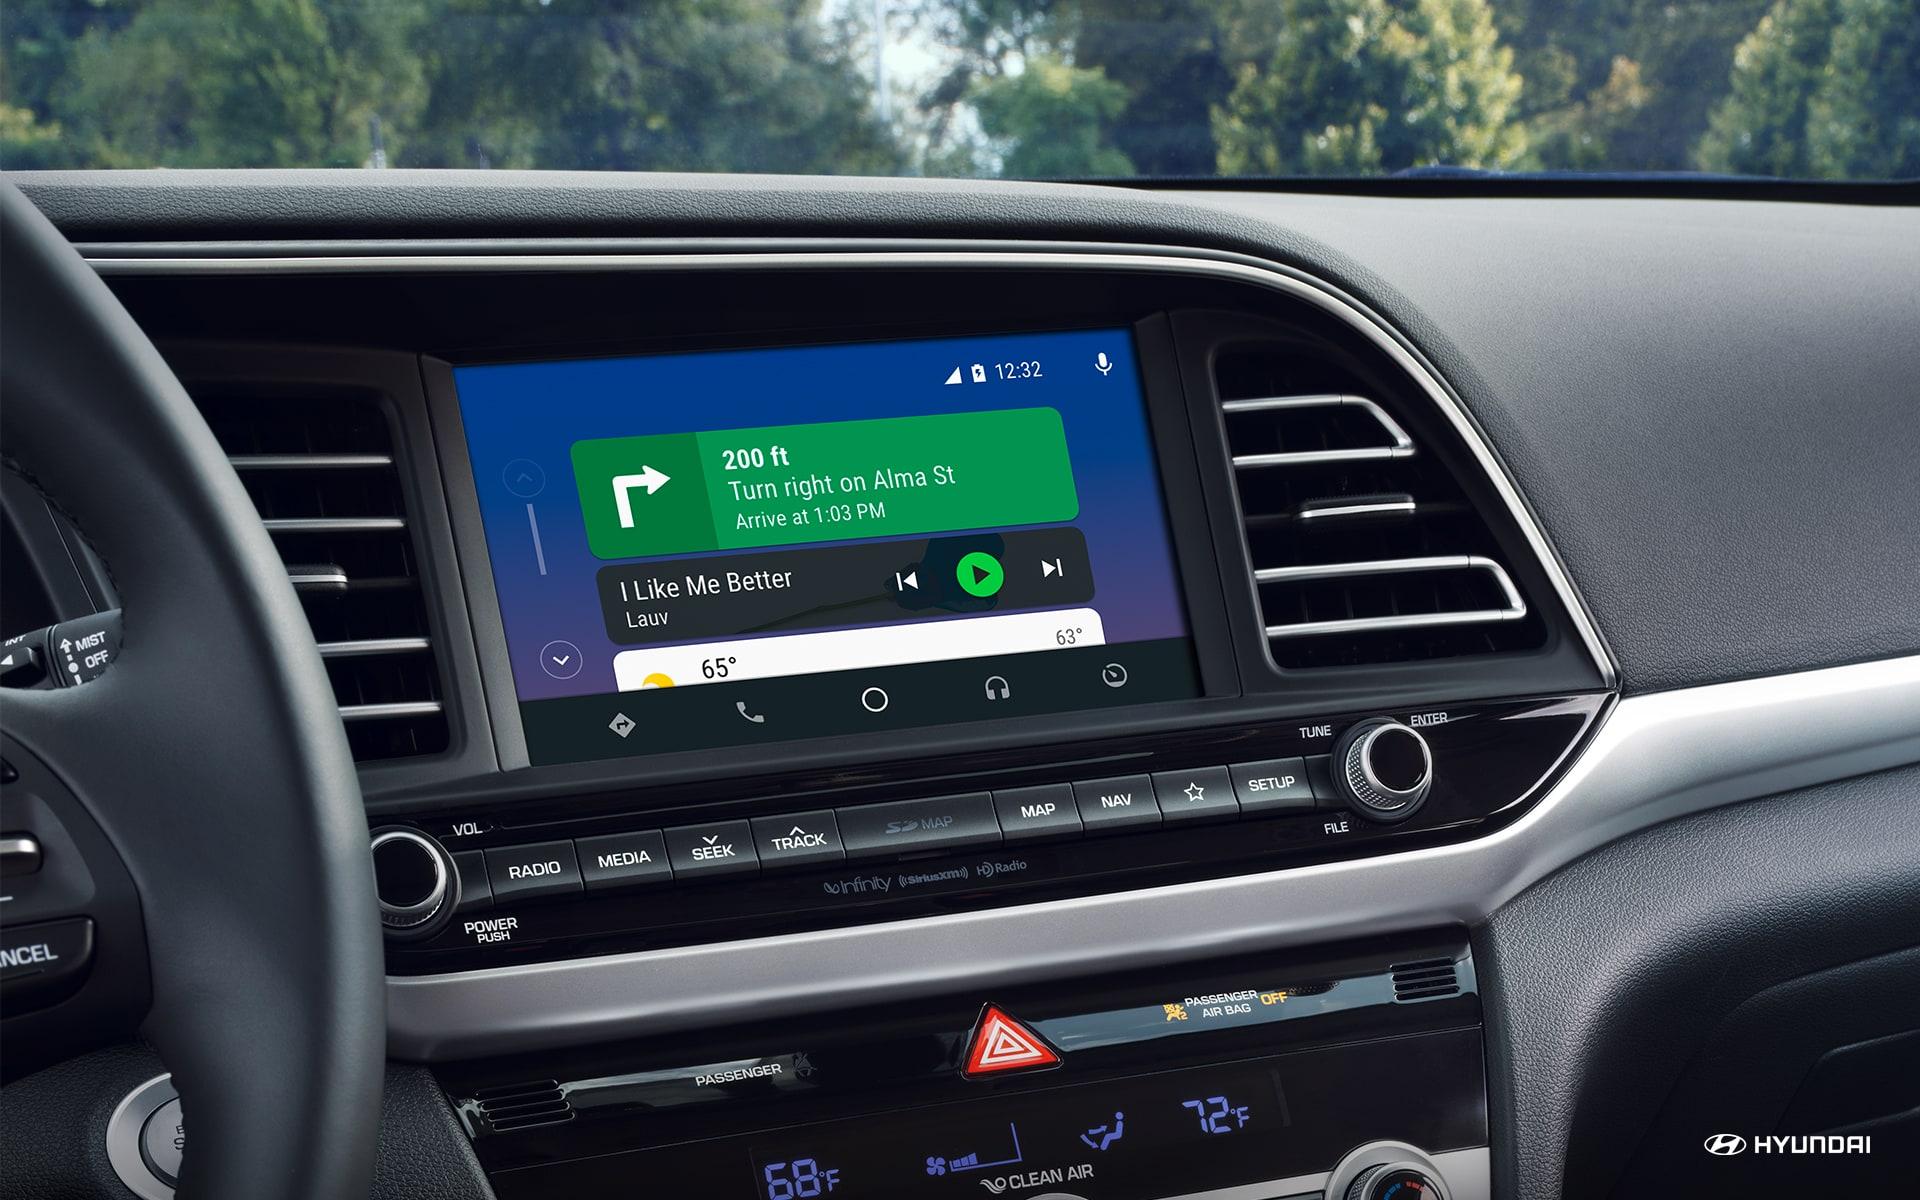 2020 Hyundai Elantra For Sale near Orlando, FL